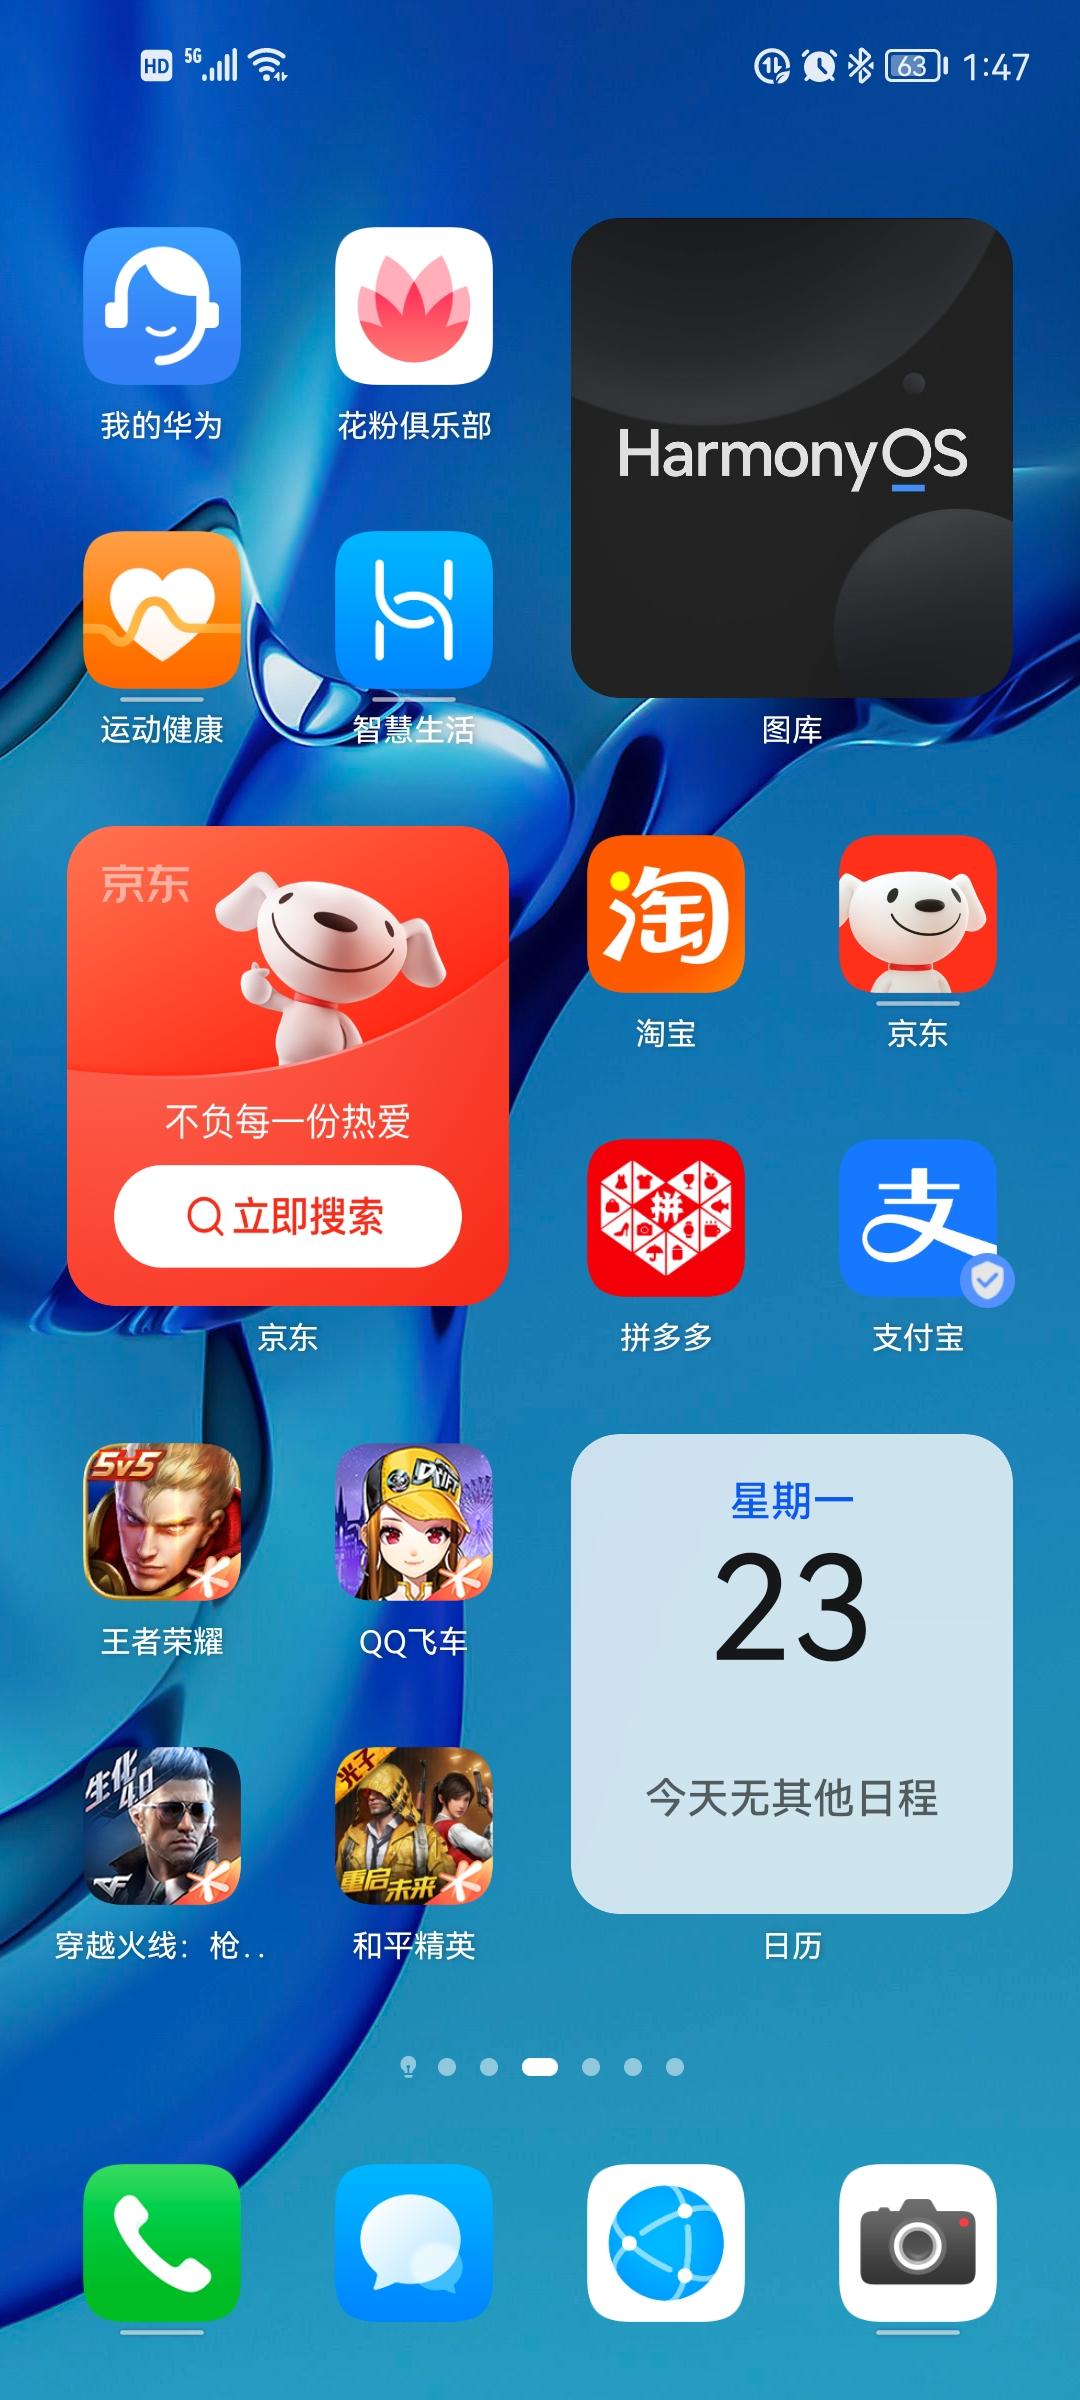 Screenshot_20210823_134731_com.huawei.android.launcher.jpg